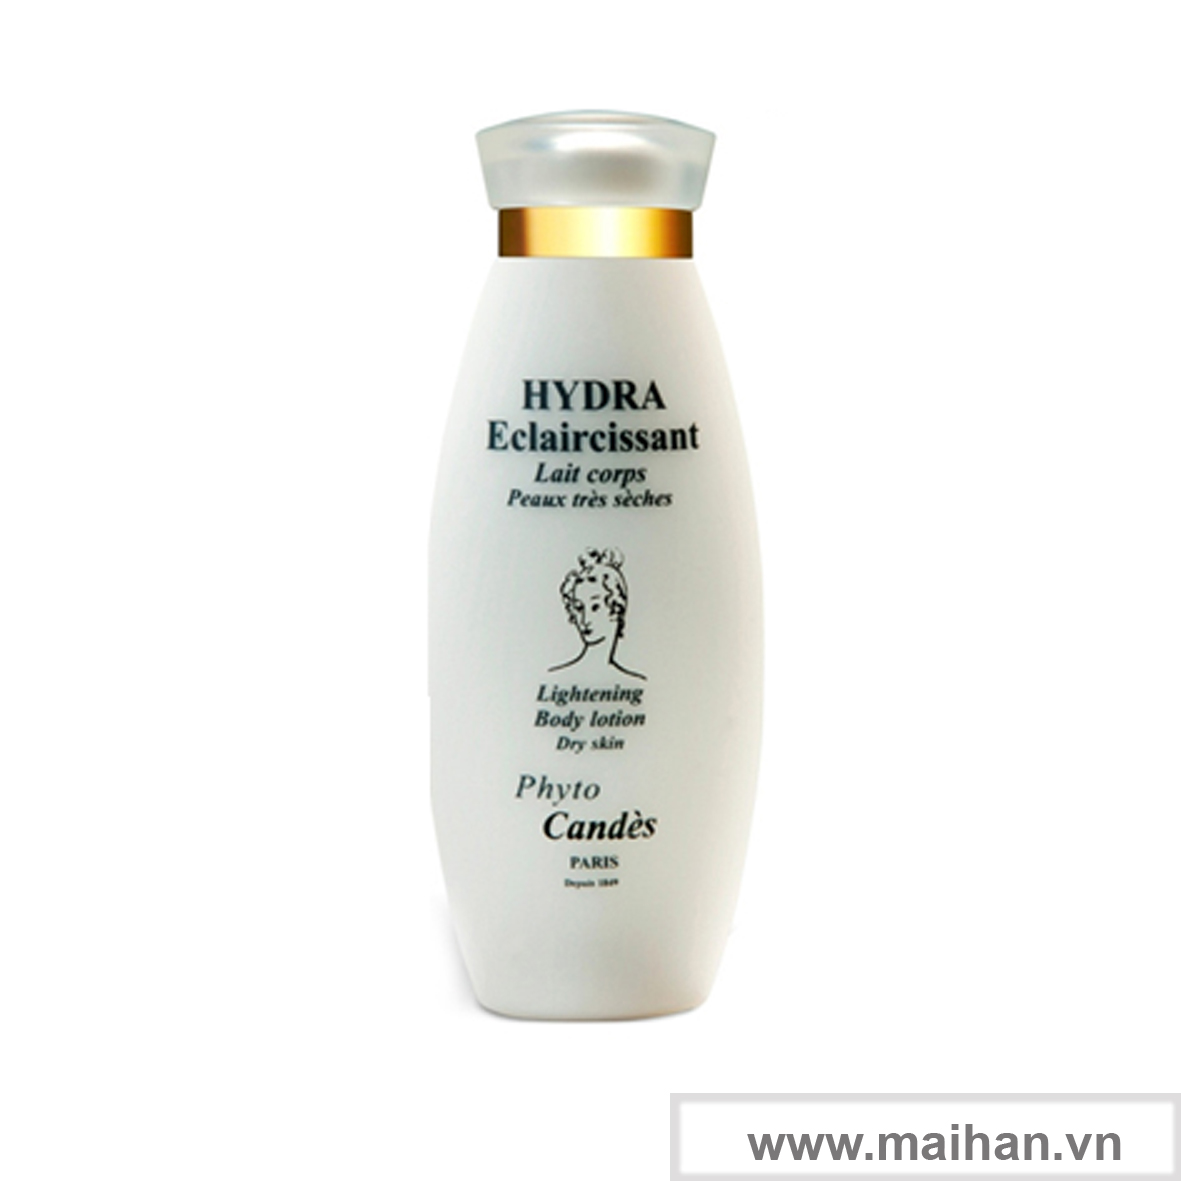 Kem dưỡng trắng và cung cấp độ ẩm cho da Candes